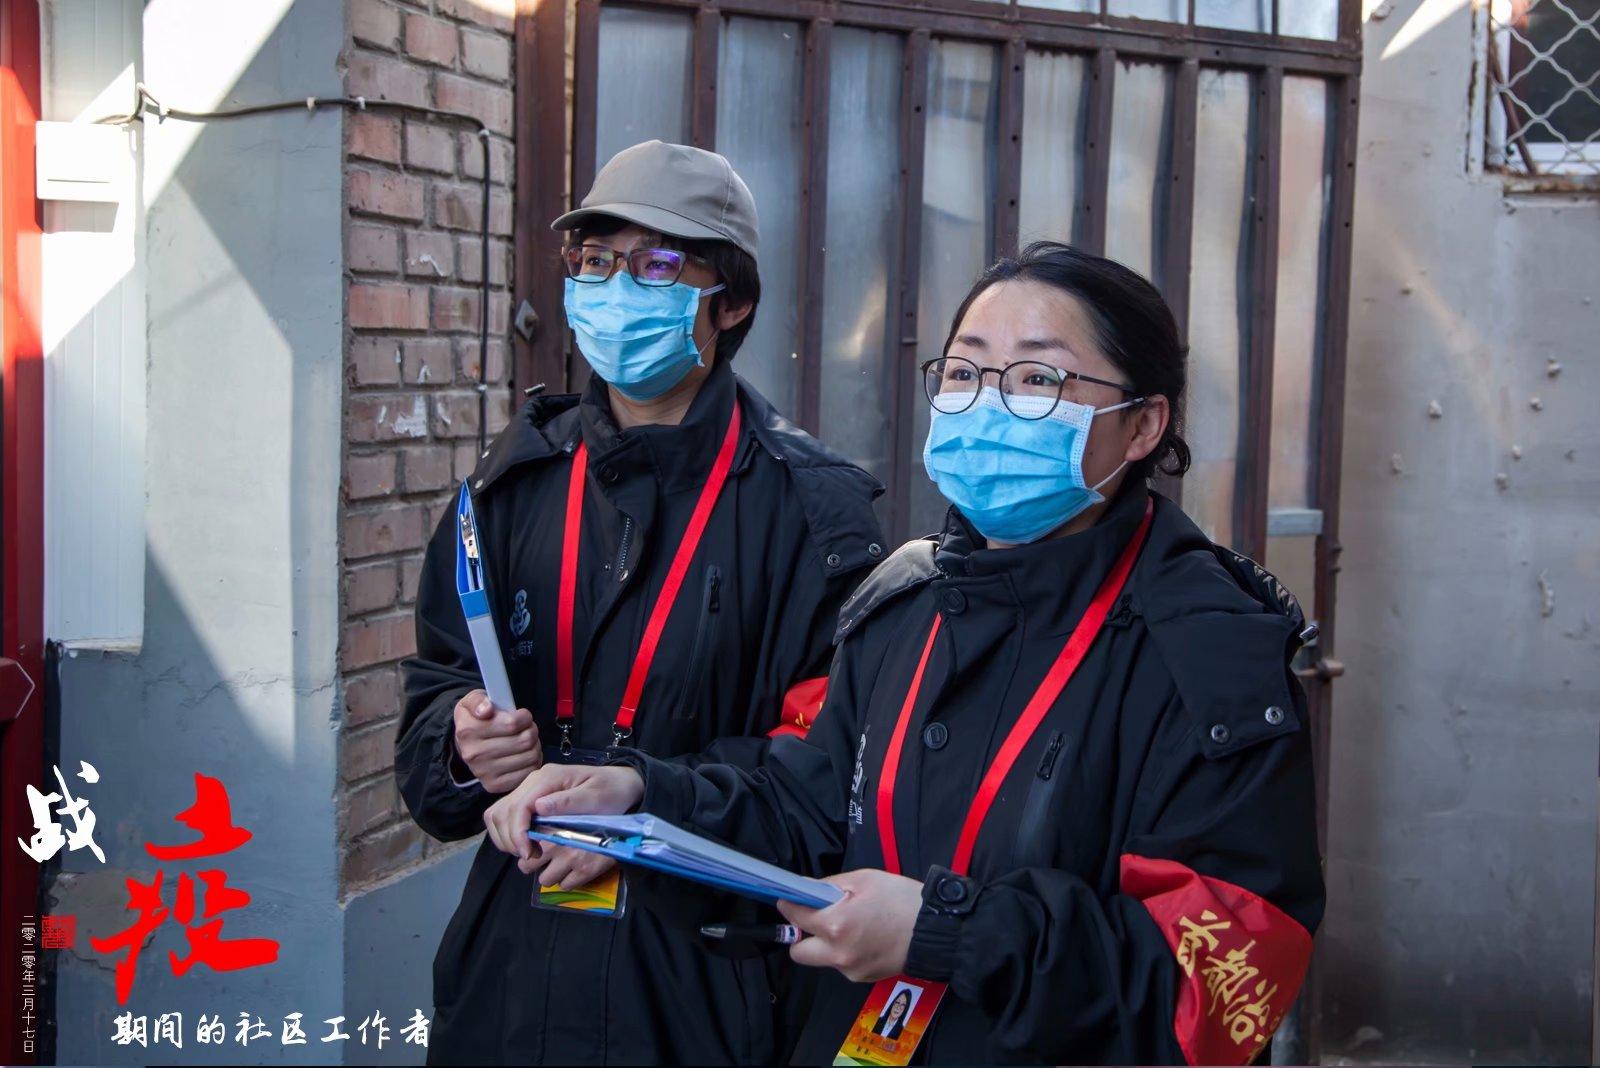 """社区工作者不是一线的医护人员,也不是研制疫苗的科研人员,但他们同样是在与这场战""""疫""""中做出牺牲的人。"""